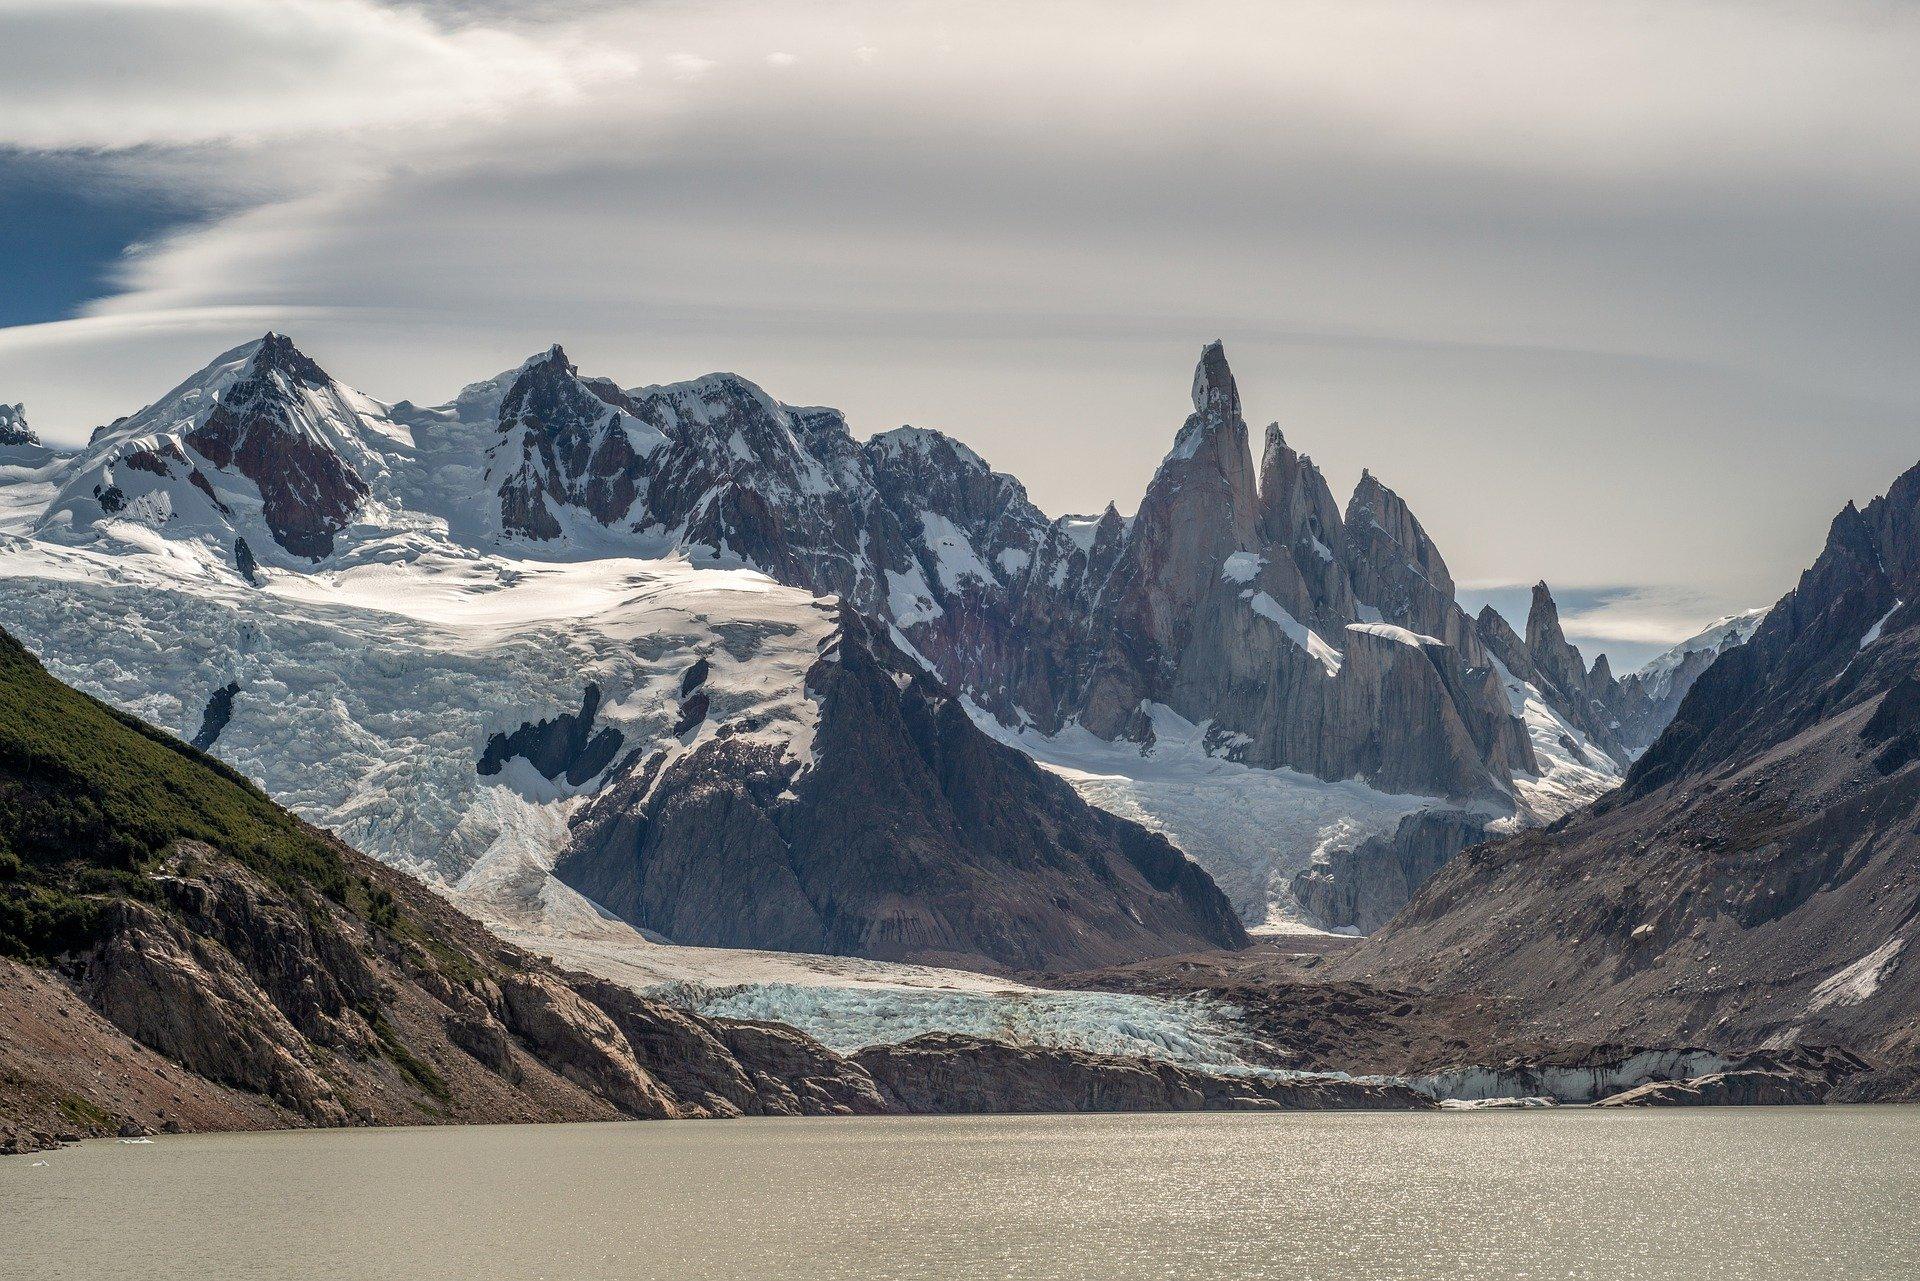 mountains 6318080 1920